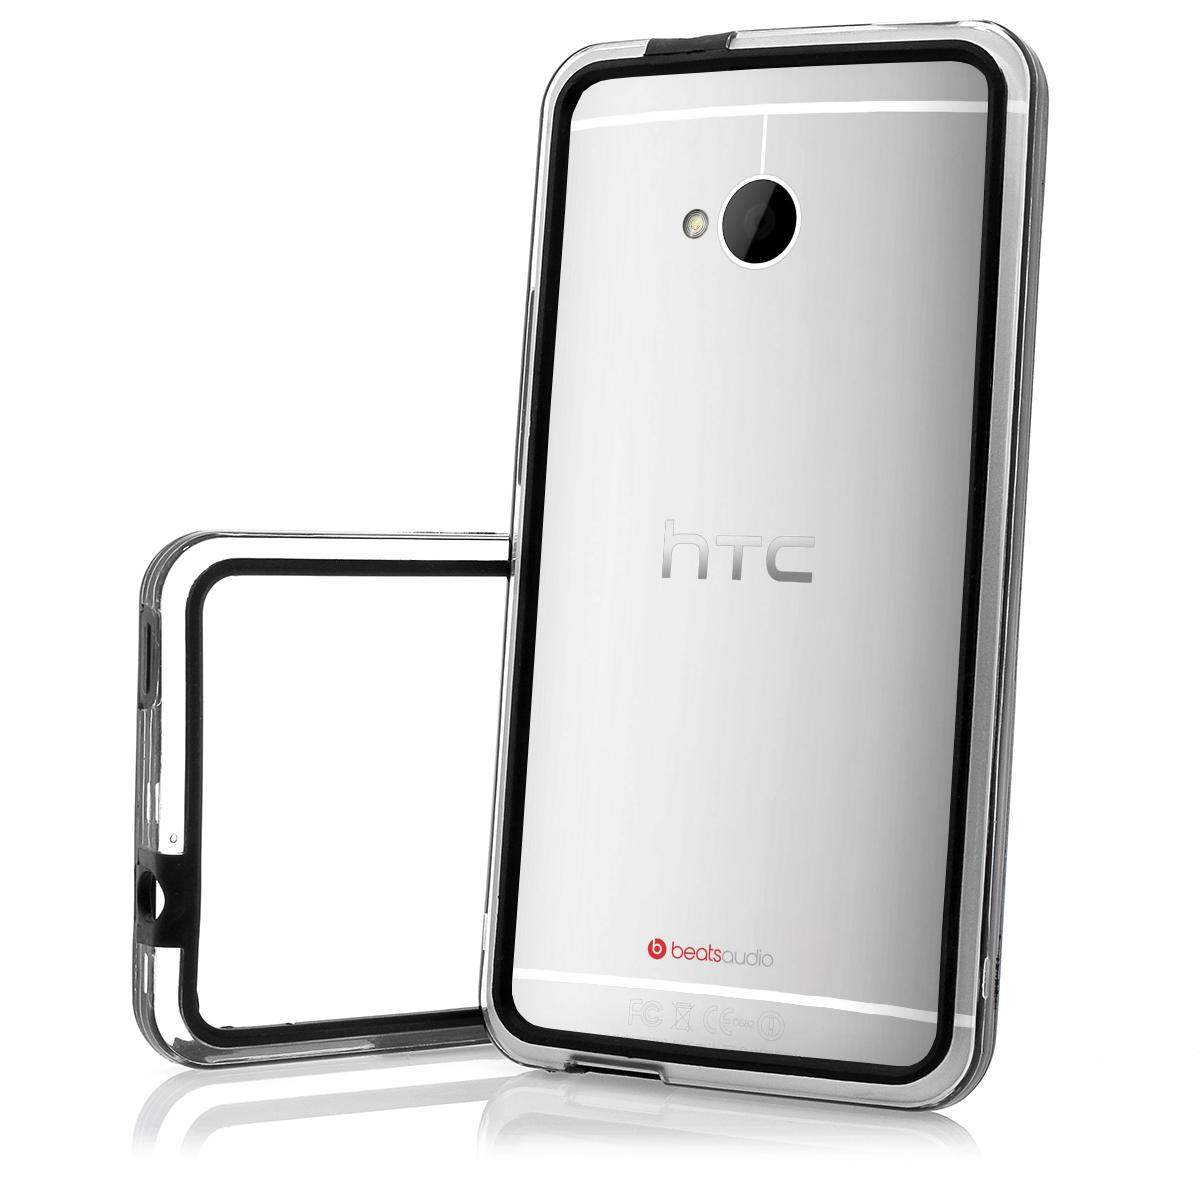 HTC-ONE-M7-TPU-Case-Handy-Tasche-Schutz-Huelle-in-schwarz-transparent